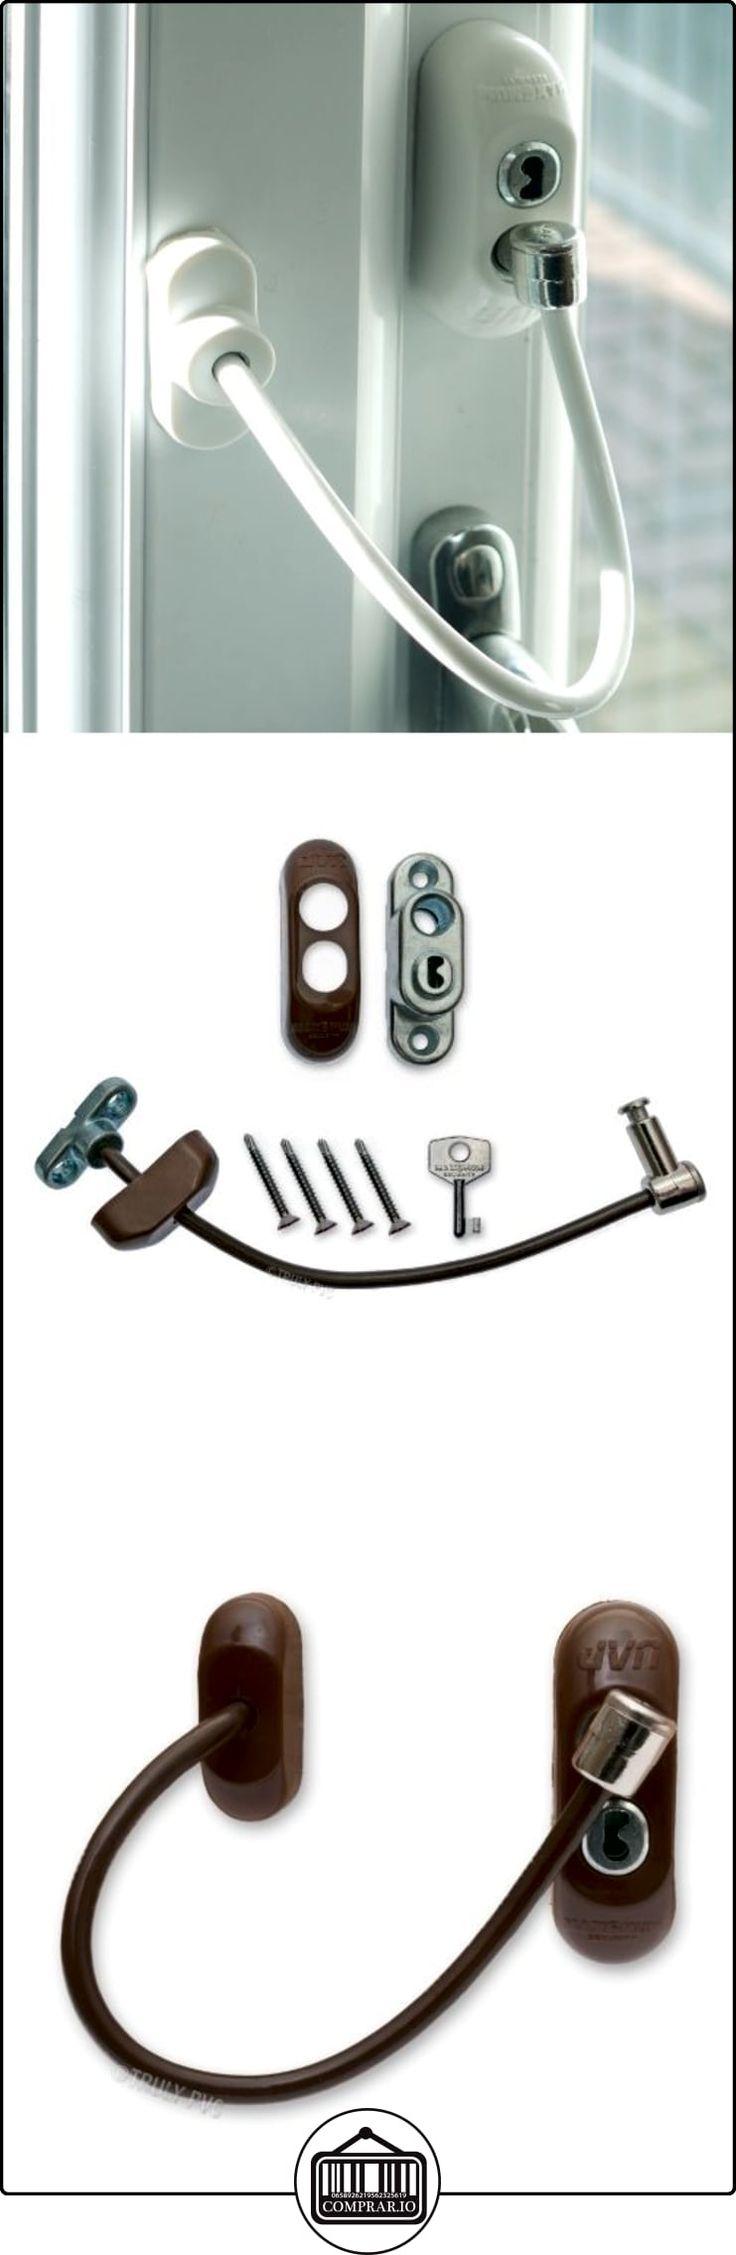 4 x marrón Max6mum de seguridad para ventanas y cierre de puerta para bebé y Seguridad - resistente con cables y es un elemento clave con cerradura  ✿ Seguridad para tu bebé - (Protege a tus hijos) ✿ ▬► Ver oferta: http://comprar.io/goto/B00JAIU3A0